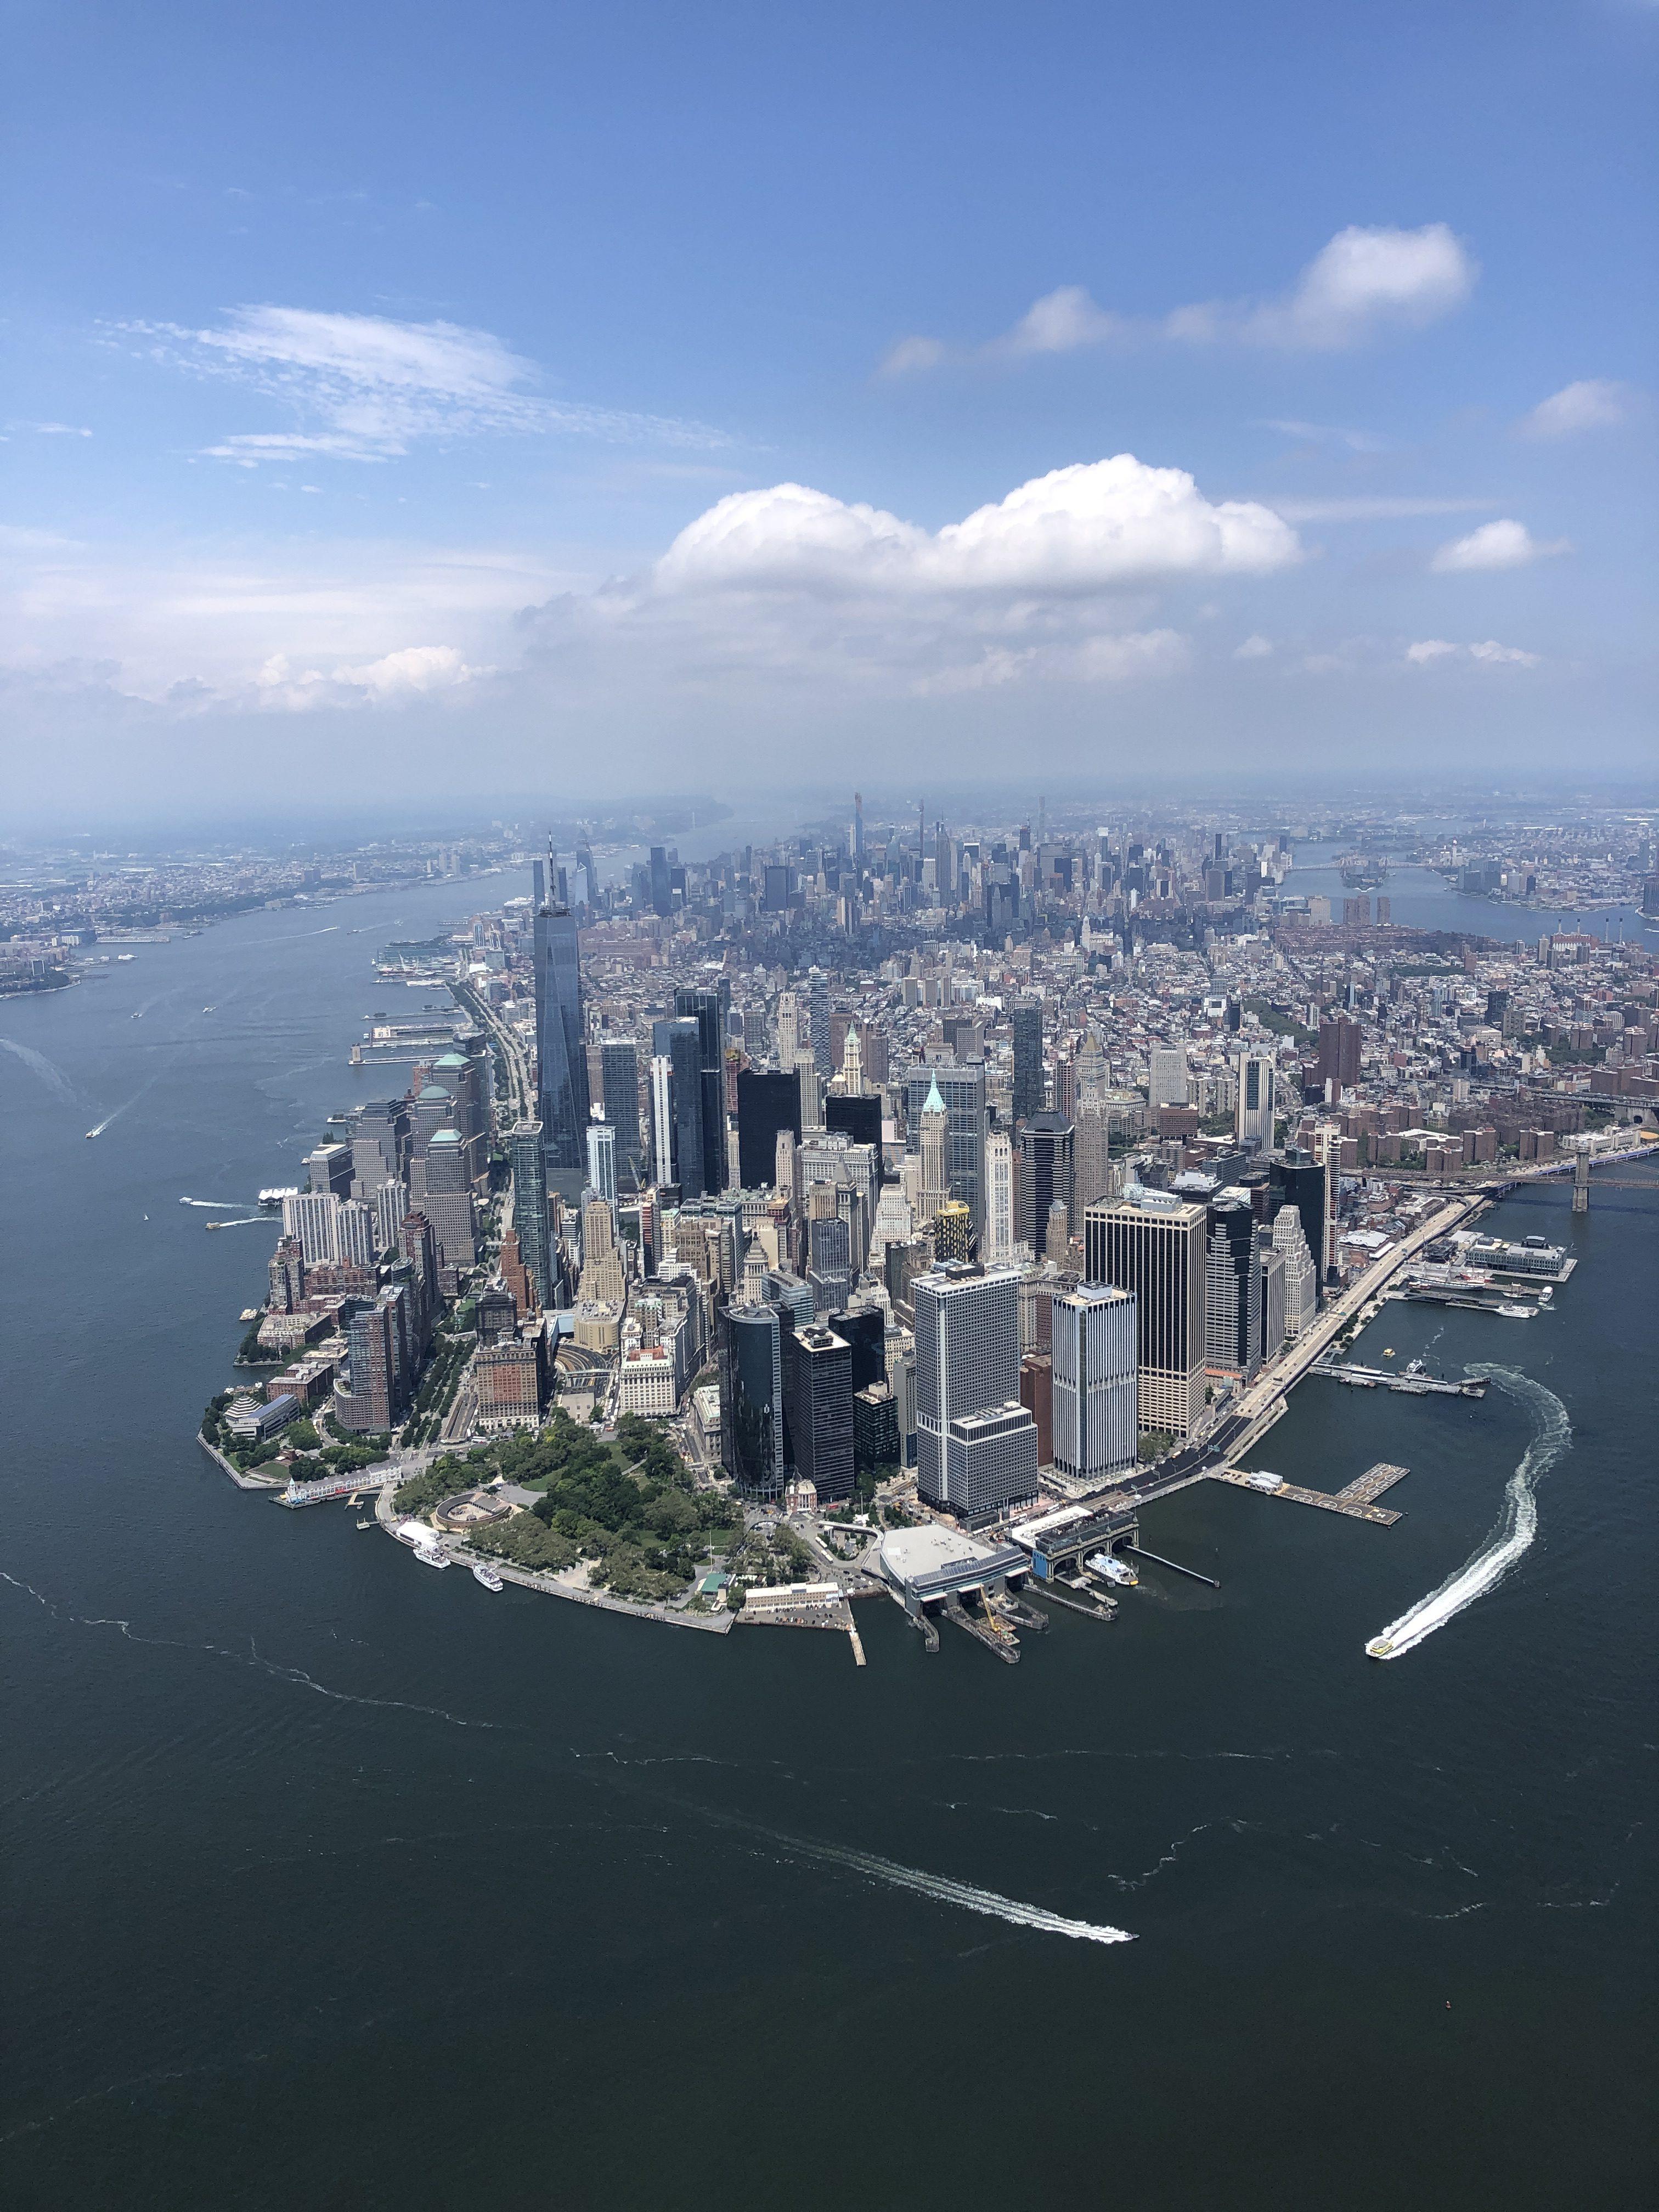 Bucketlist // Helikoptervlucht boven New York zonder deuren via FlyNYON